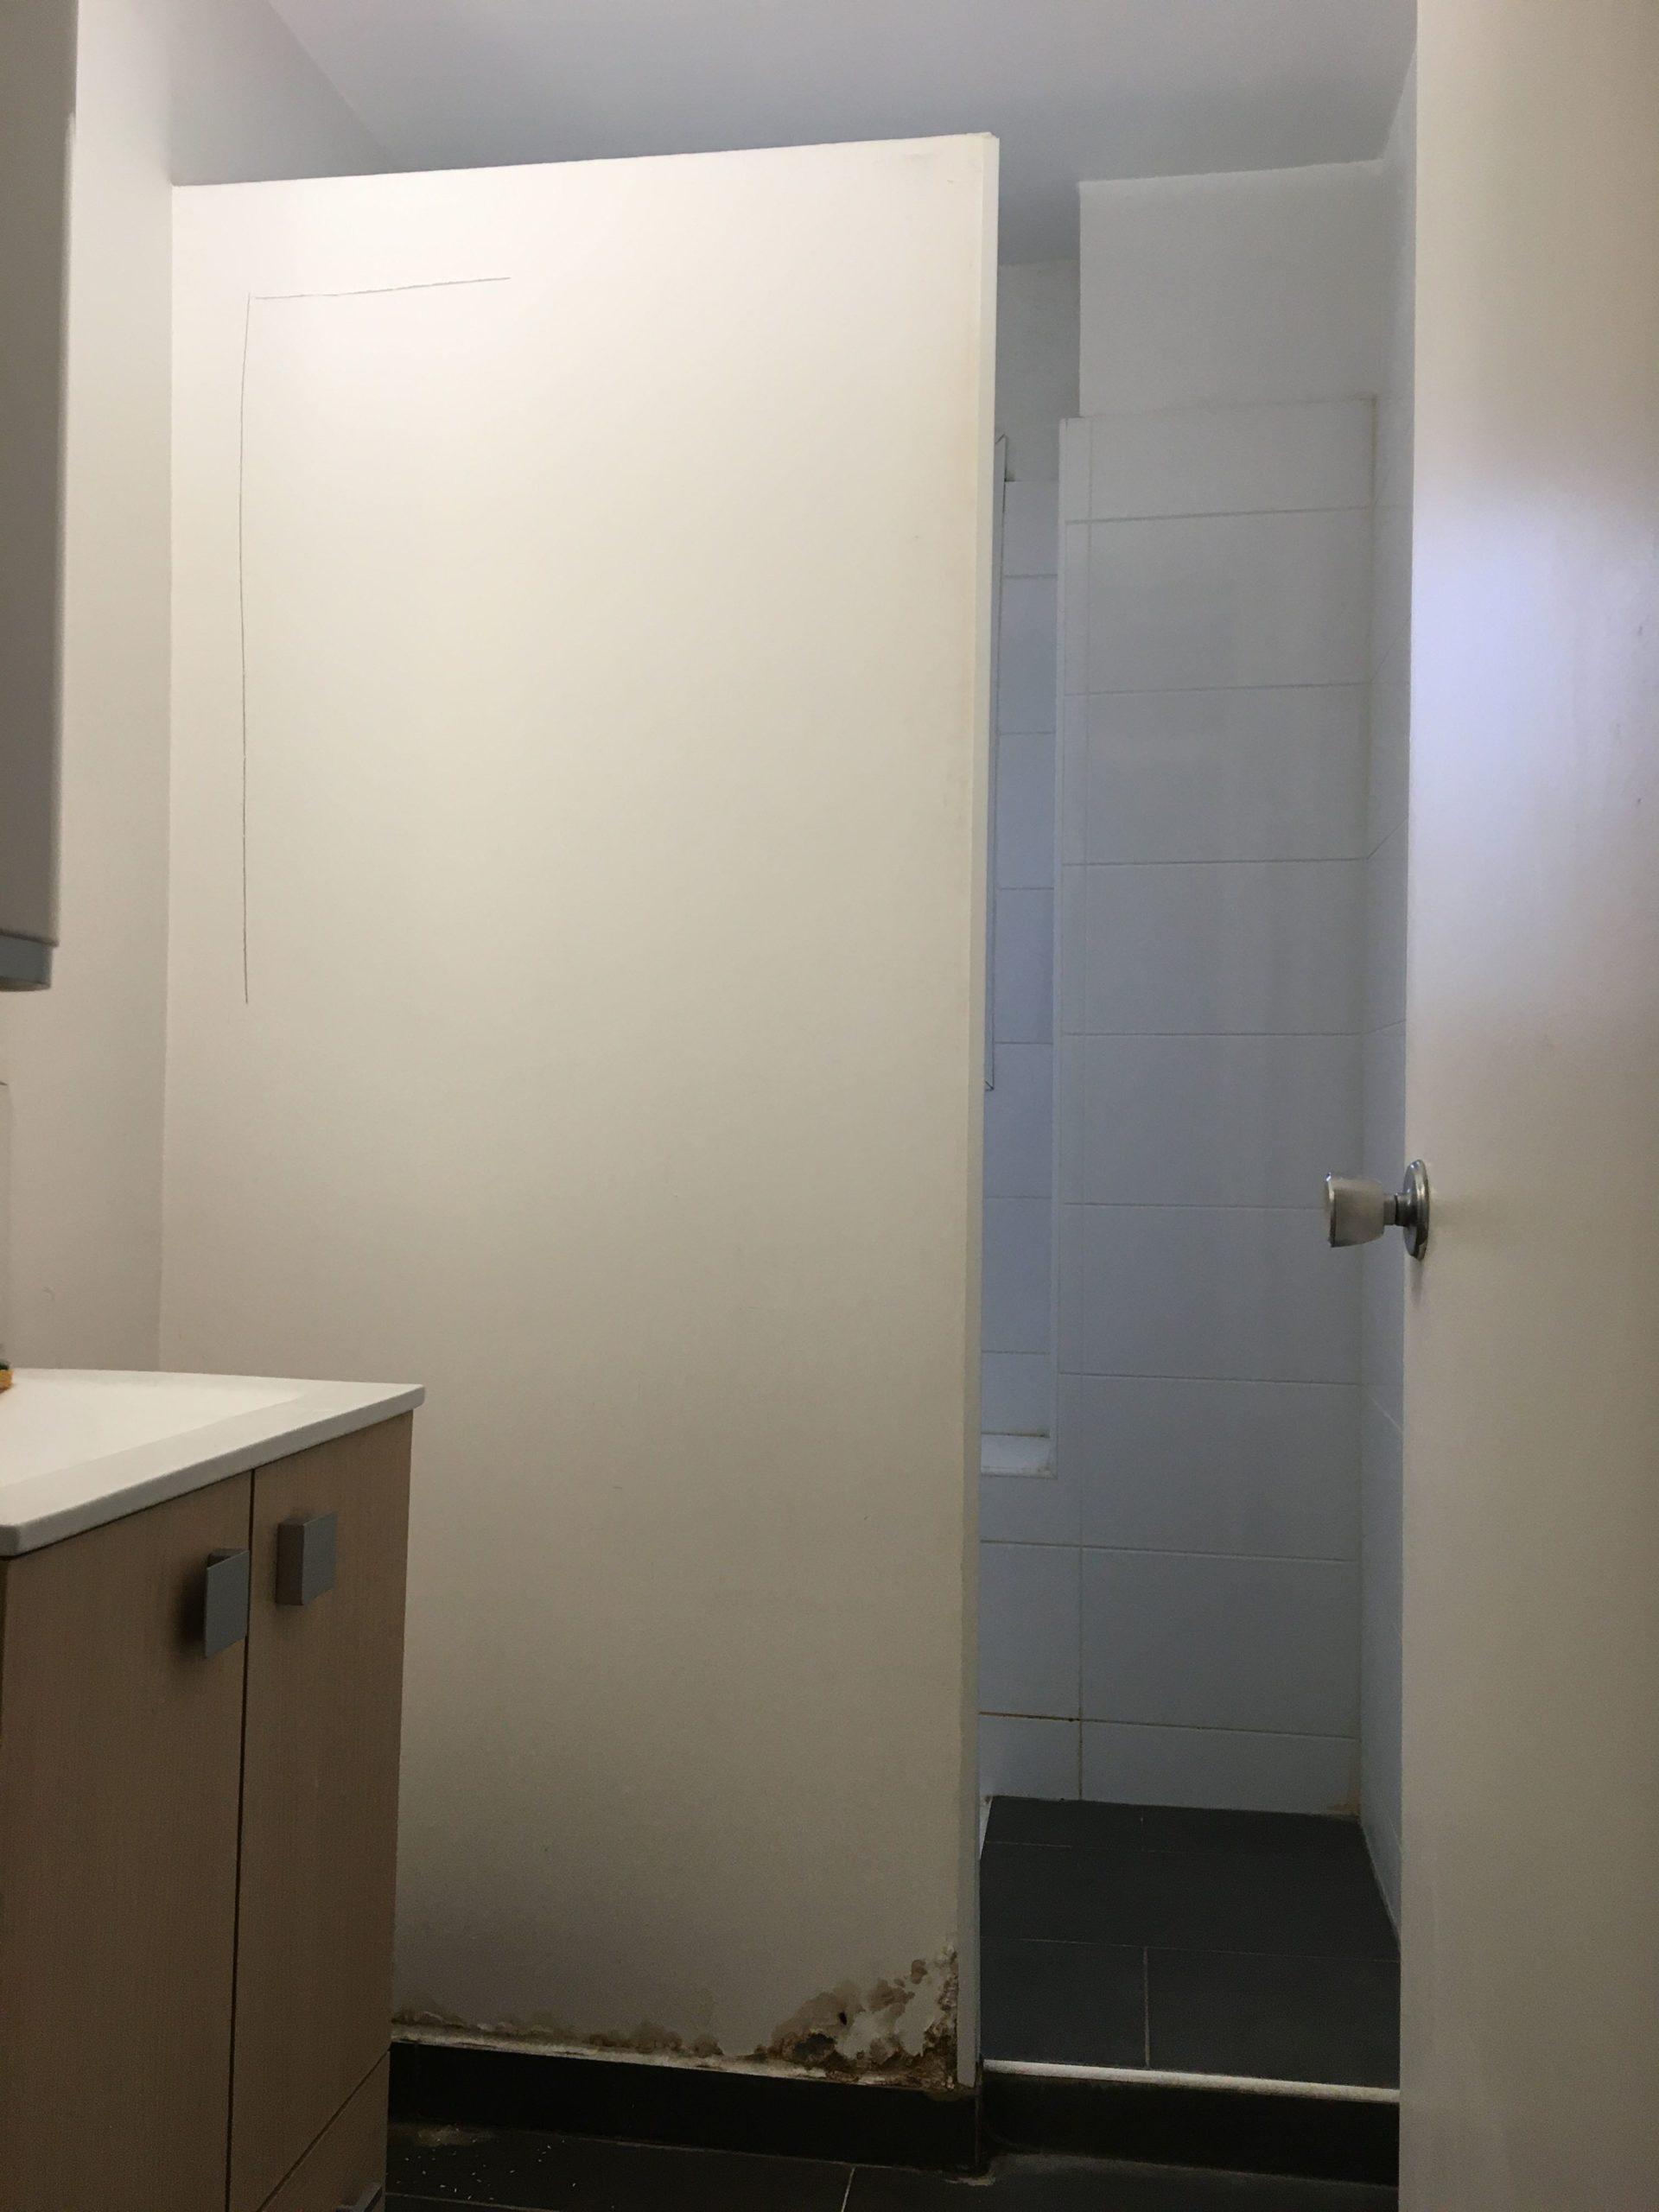 Infiltration d'eau dans la douche.